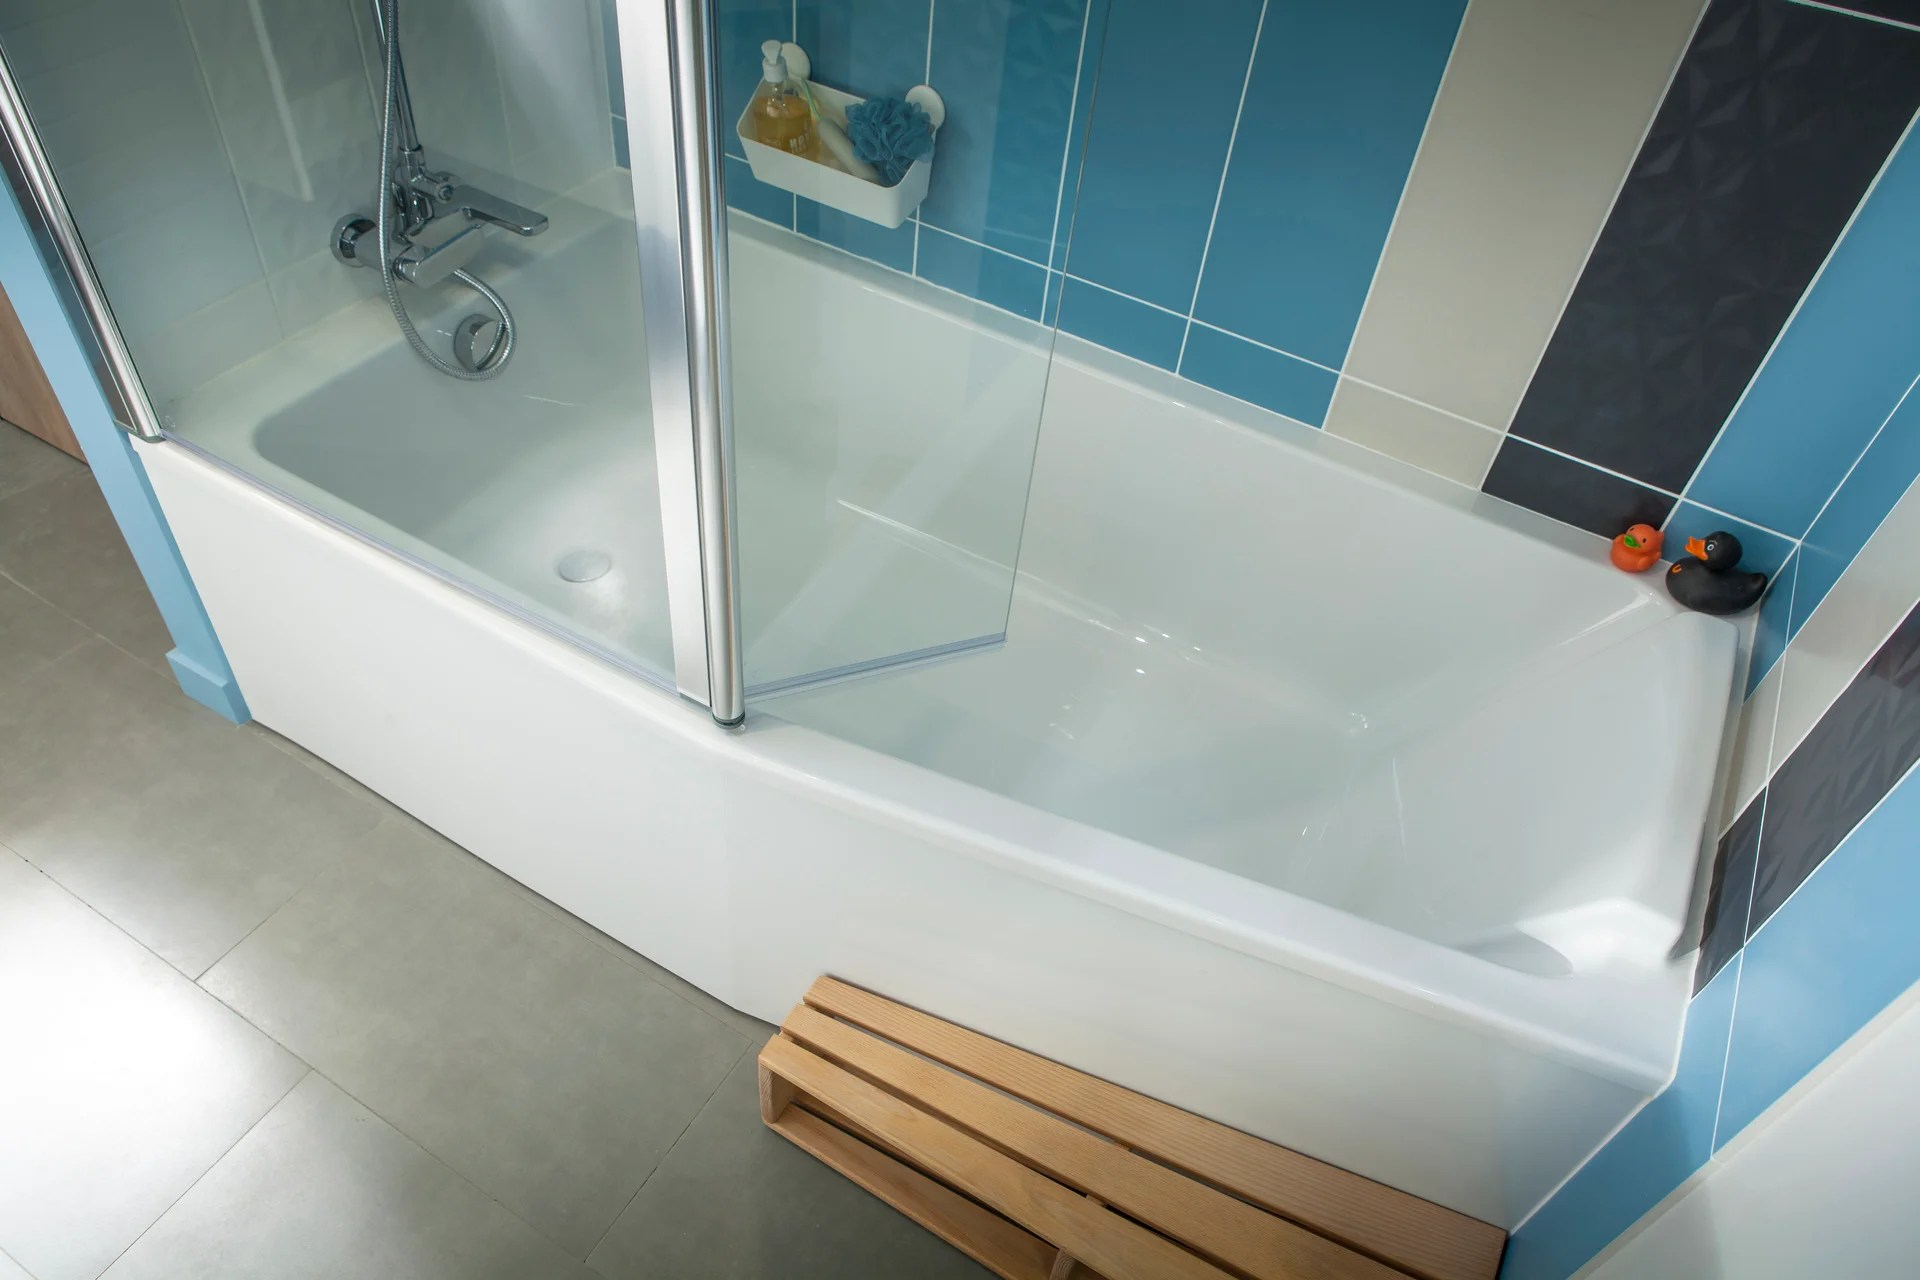 baignoire l 160x l 85 cm jacob delafon sofa bain et douche vidage a gauche